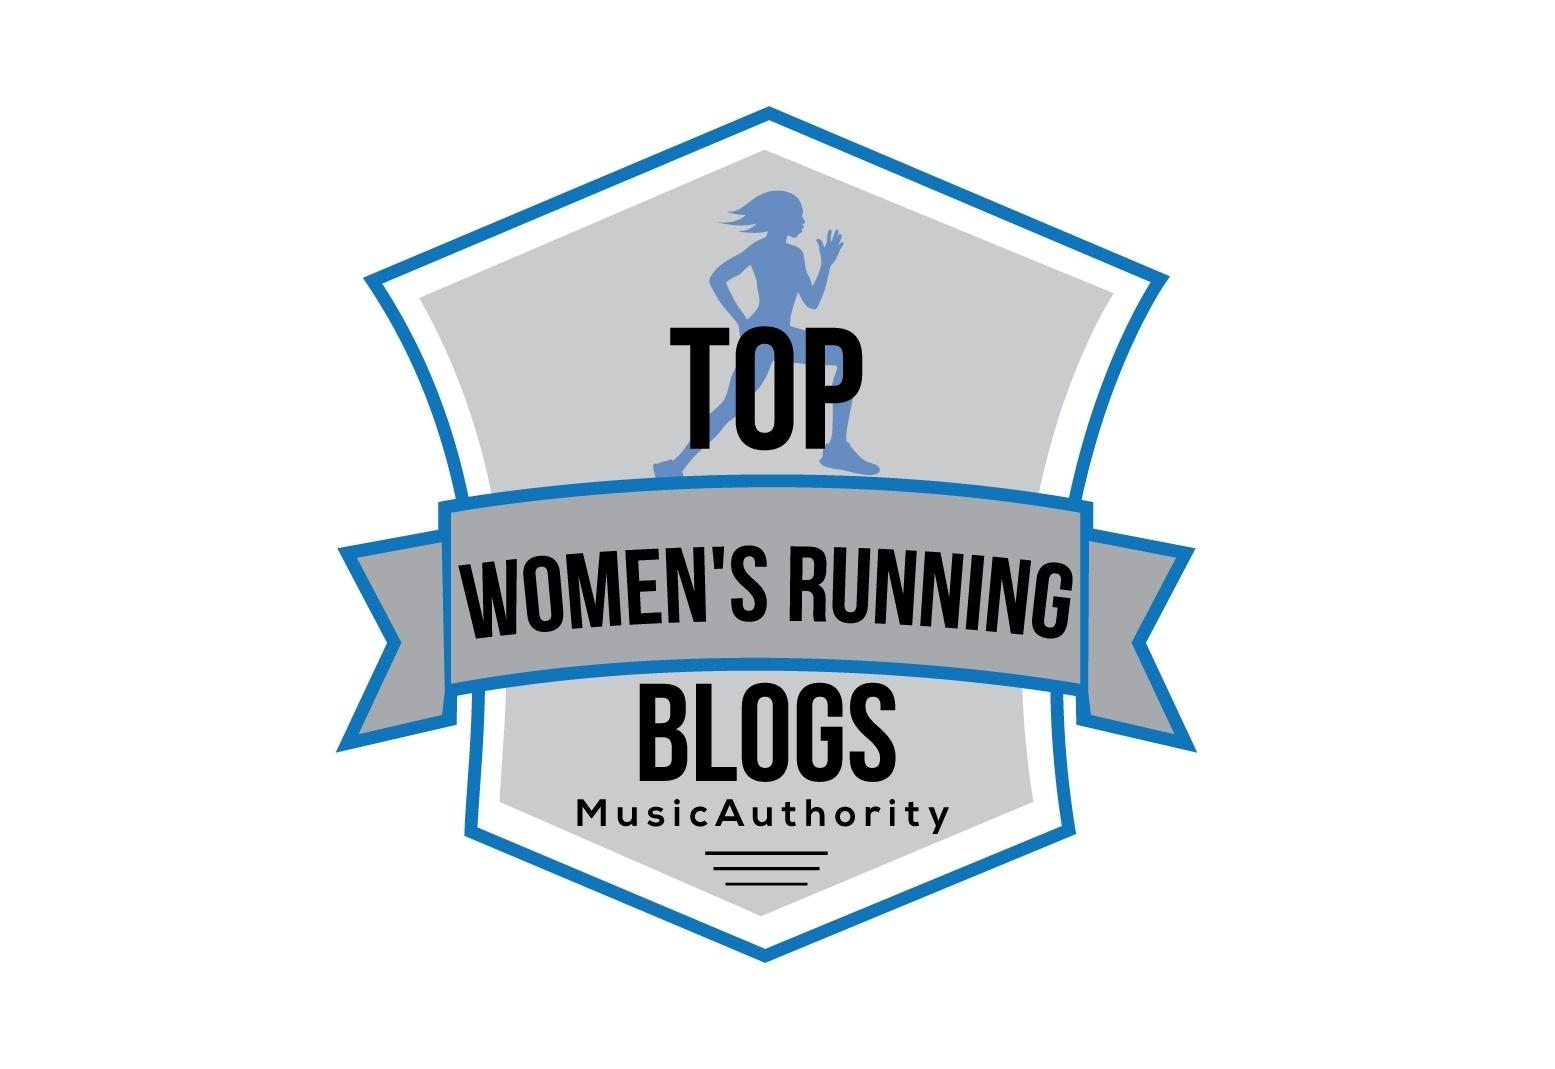 MusicAuthority's Top Women's Running Blogs of 2016